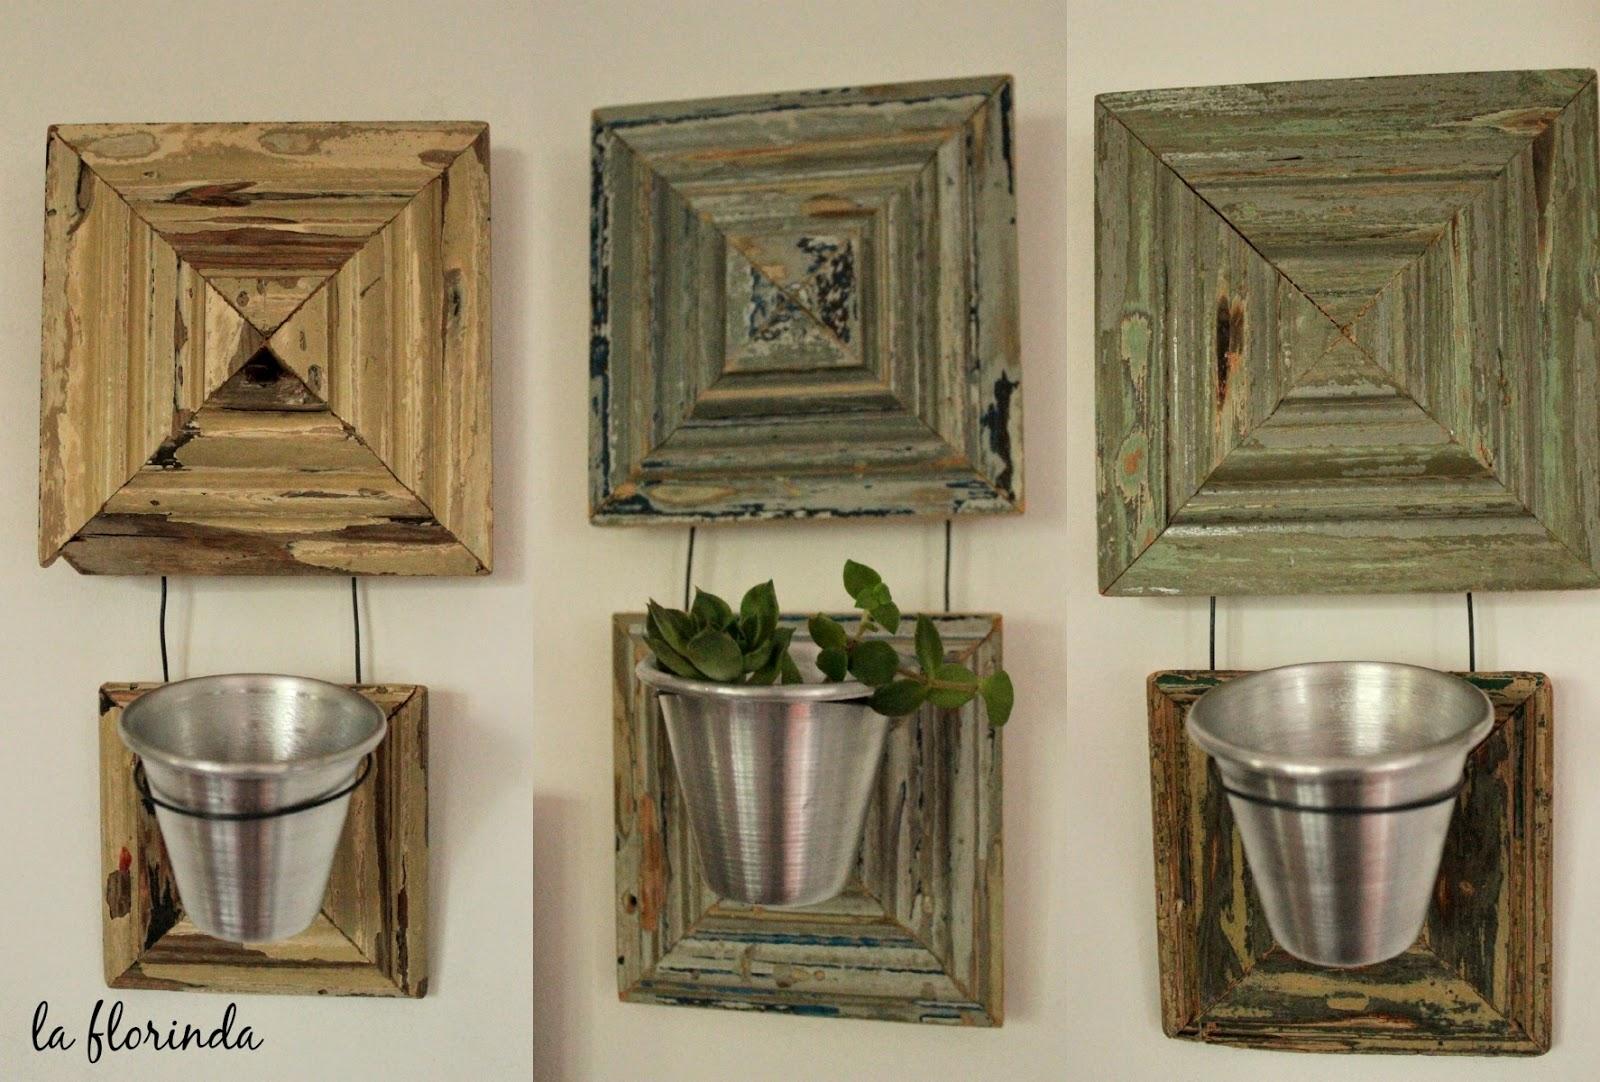 Tienda la florinda porta macetas madera recuperada - Como fabricar maceteros de madera ...